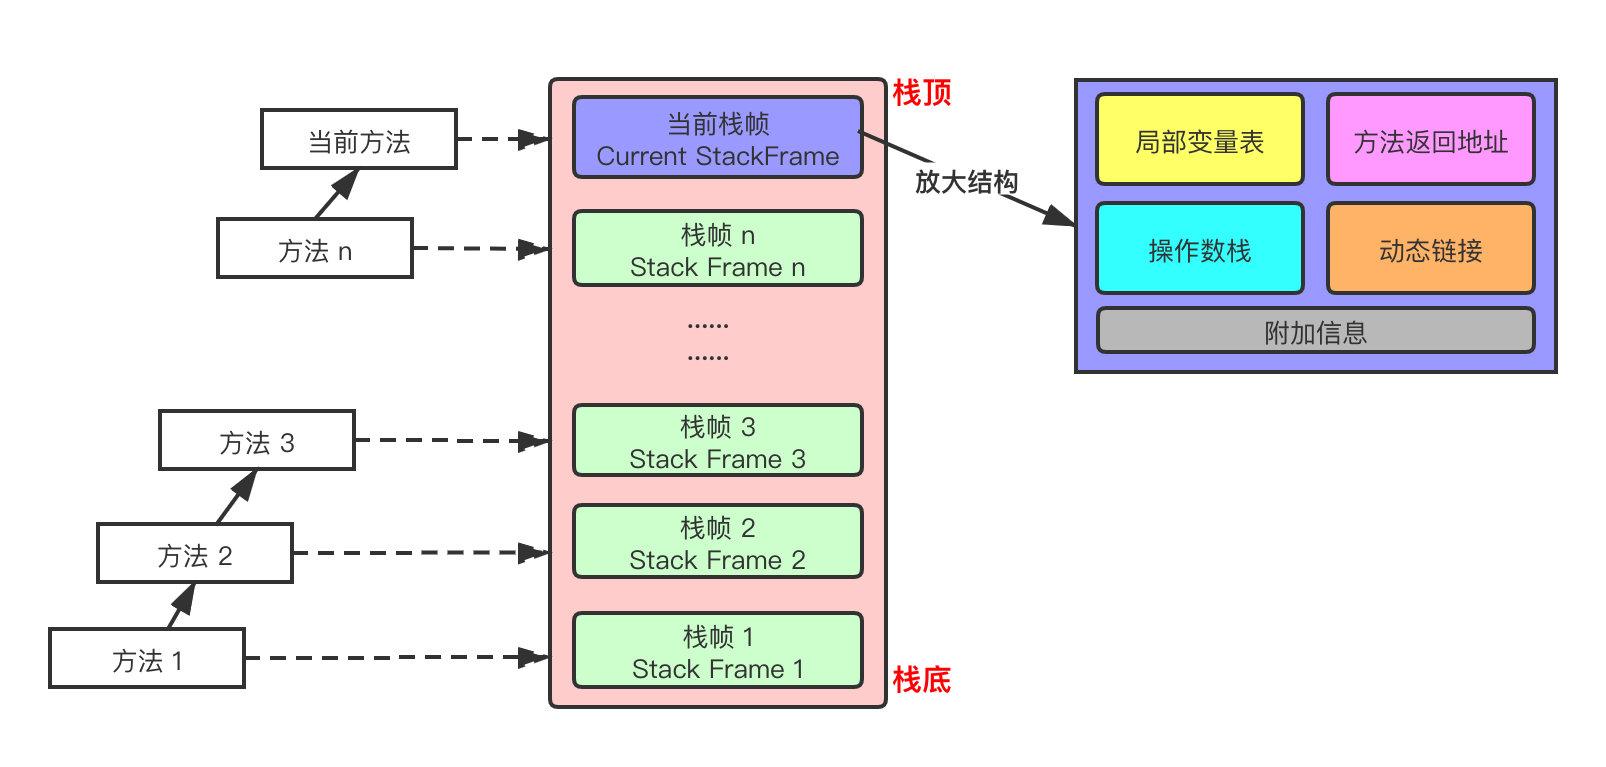 jvm-stack-frame